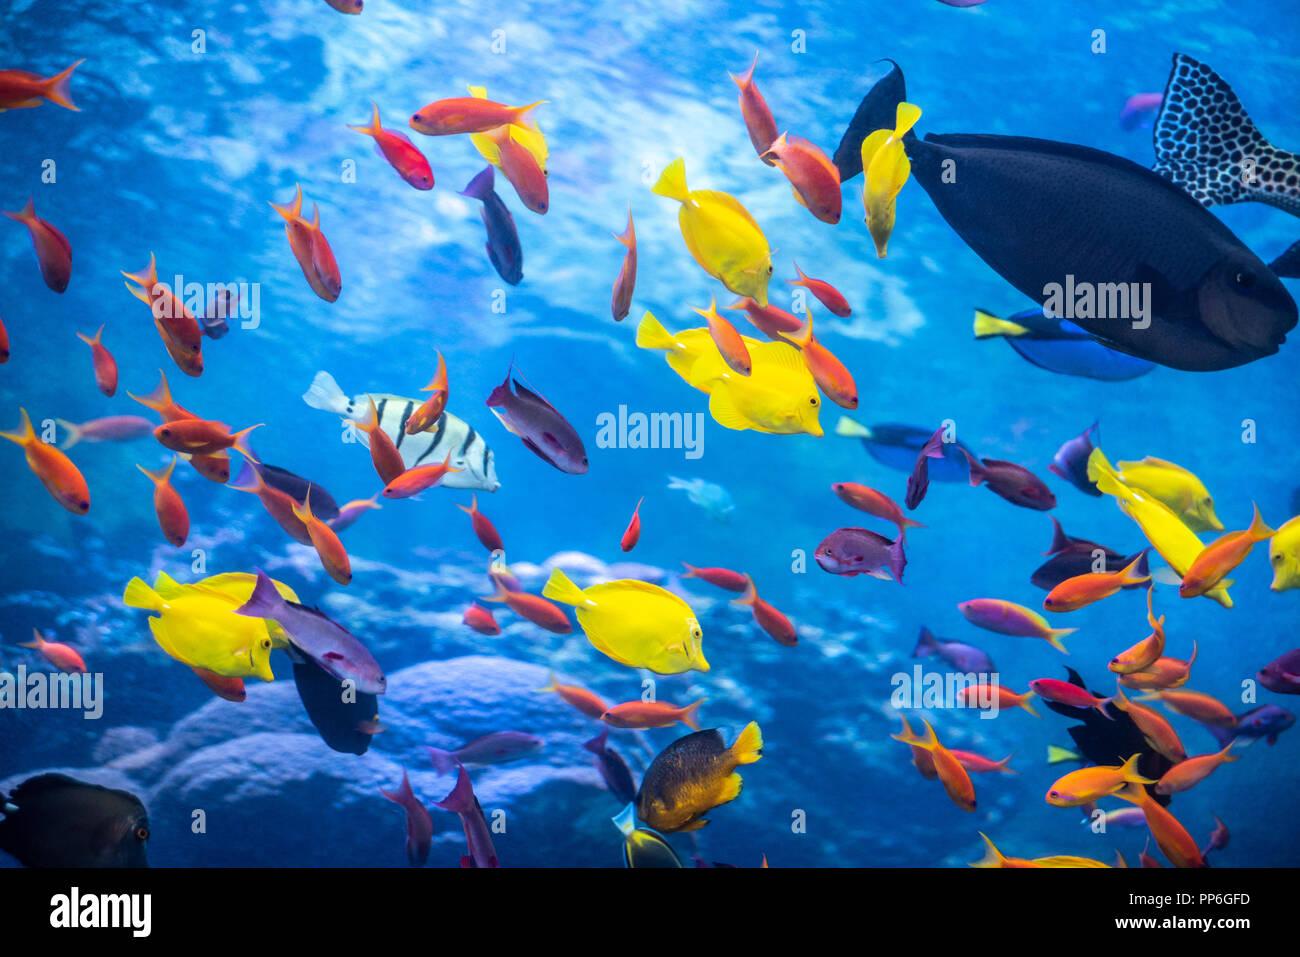 Arrecife tropical con un arco iris de variedad de peces de colores en el Acuario de Georgia, en Atlanta, Georgia. (Ee.Uu.) Imagen De Stock